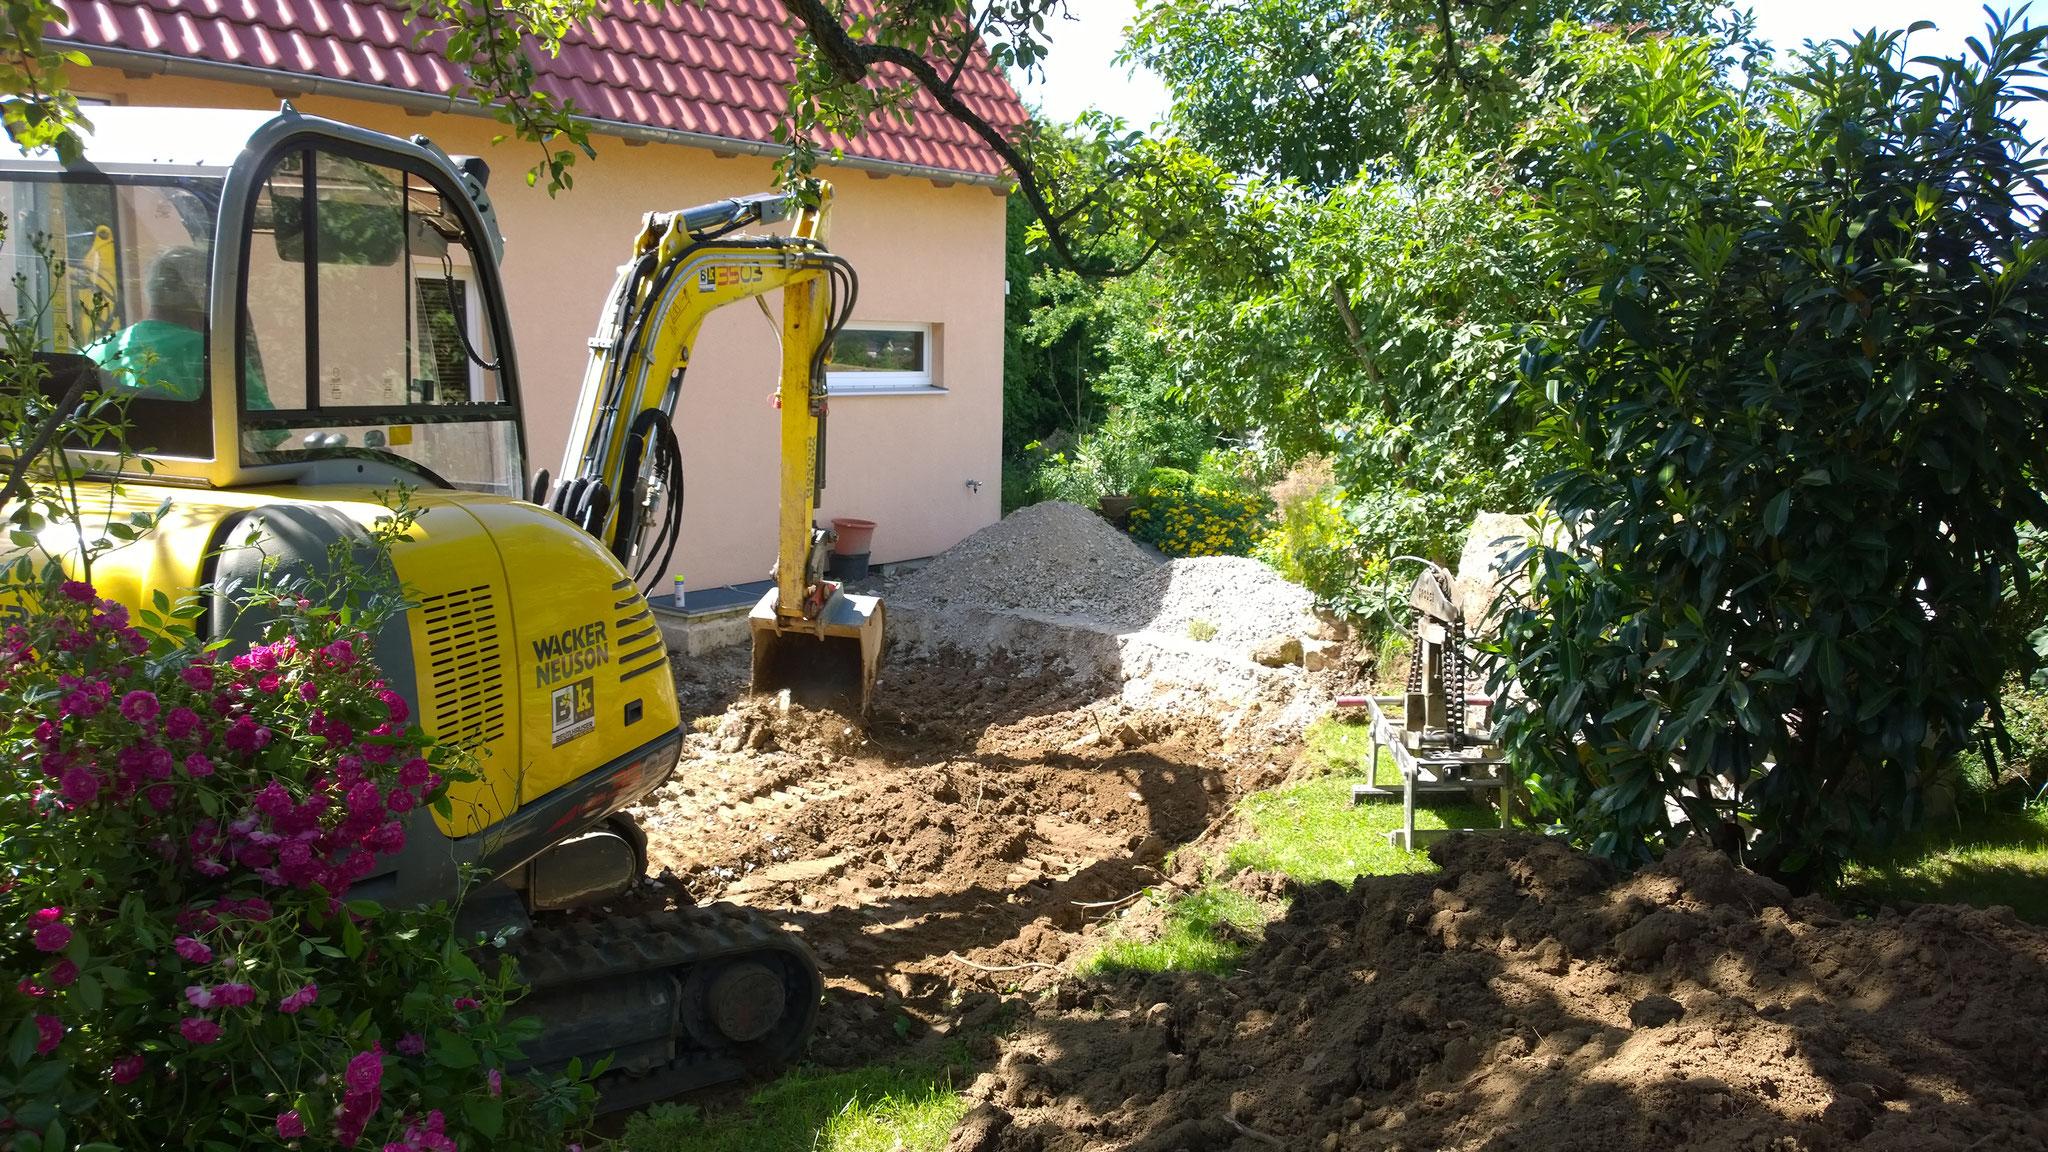 der Bagger gräbt die Grube für die Fundamentplatte